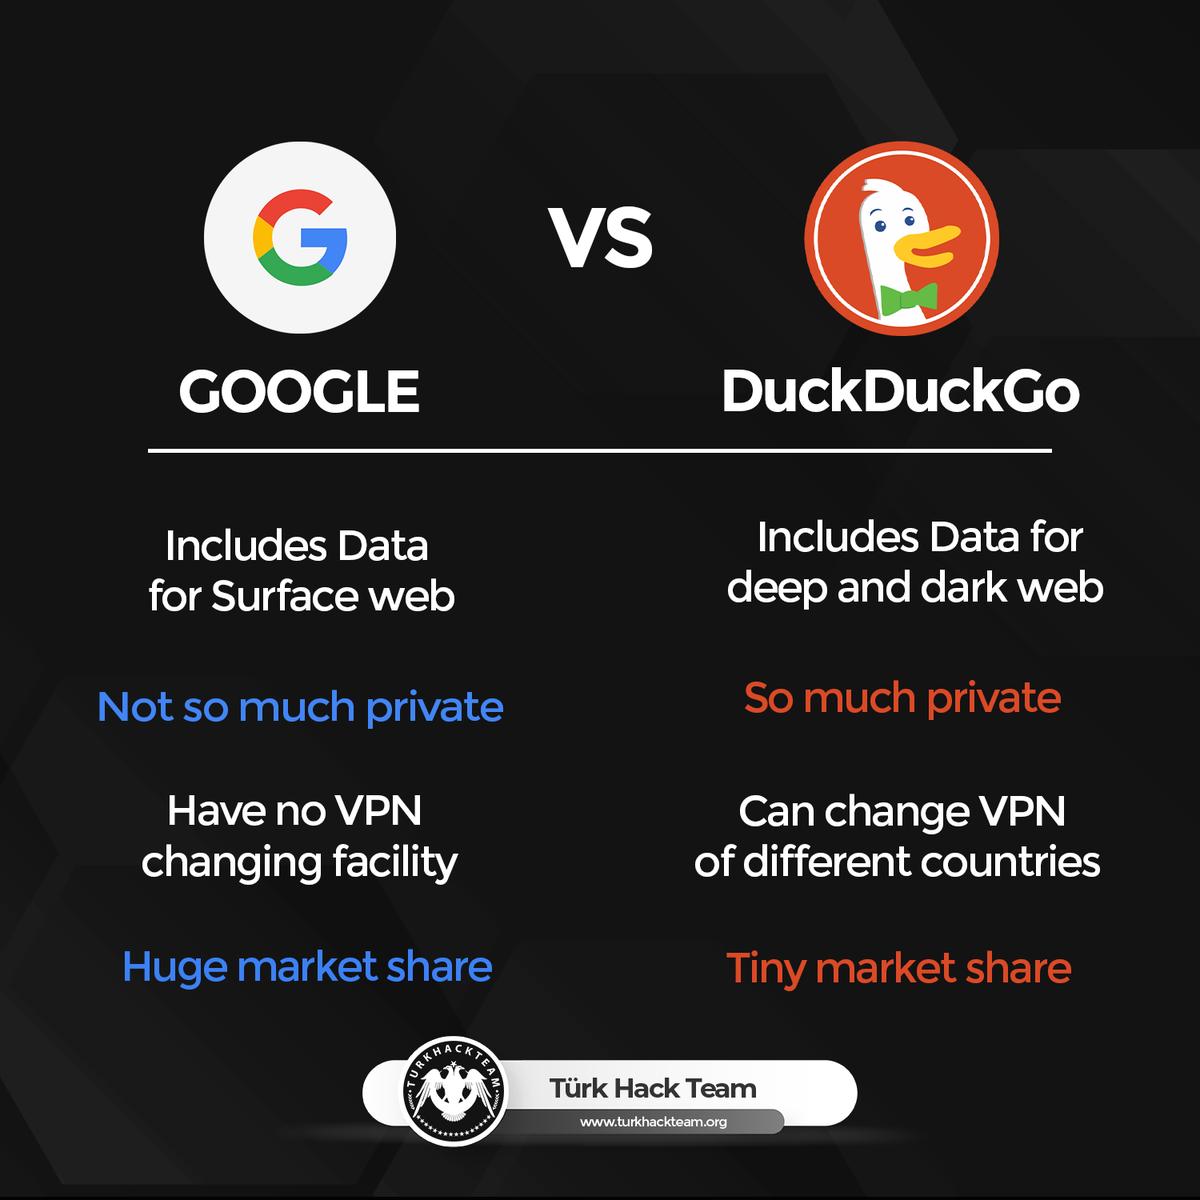 Google & DuckDuckGo  #google #duckduckgo #vpn #network #cybersecurity #securitypic.twitter.com/UET2ZxPnGd